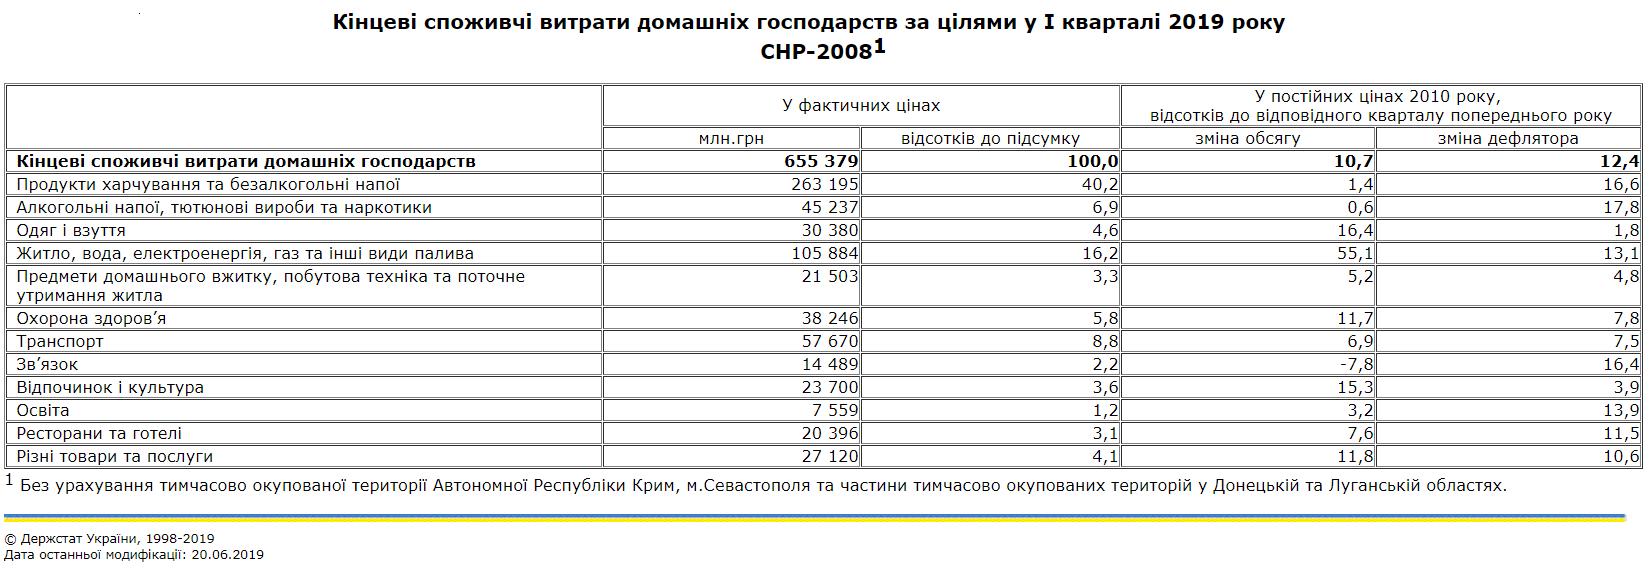 Украинцы стали меньше тратить на транспорт и еду, но больше на коммуналку